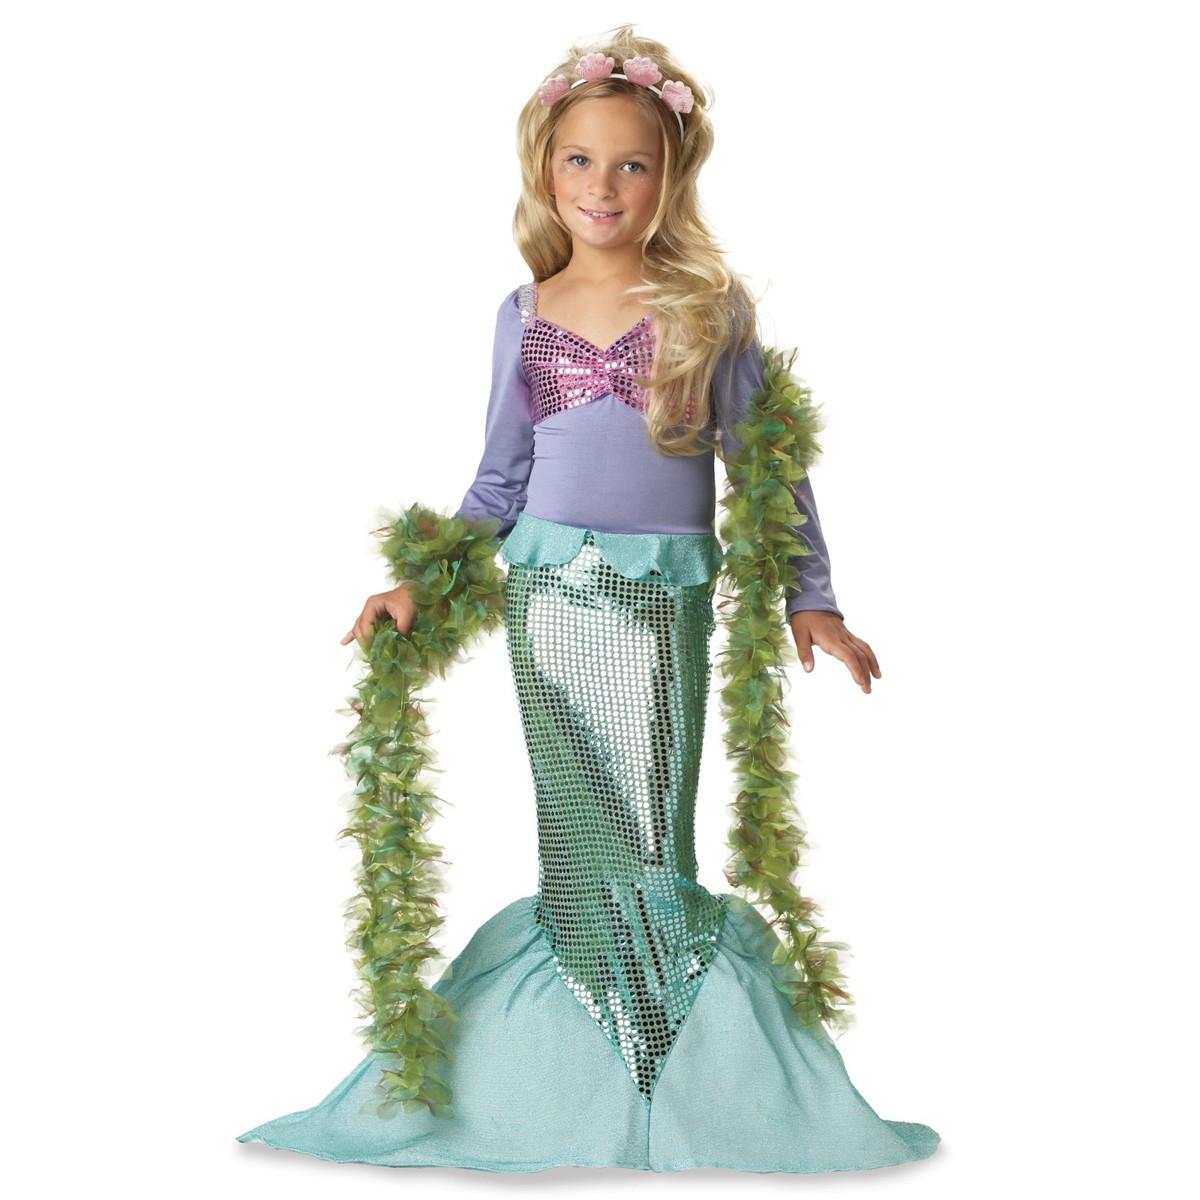 acomes   日本樂天市場: 小美人魚服裝迪士尼角色扮演公主愛麗兒美人魚服飾為孩子服裝 10P23Aug15